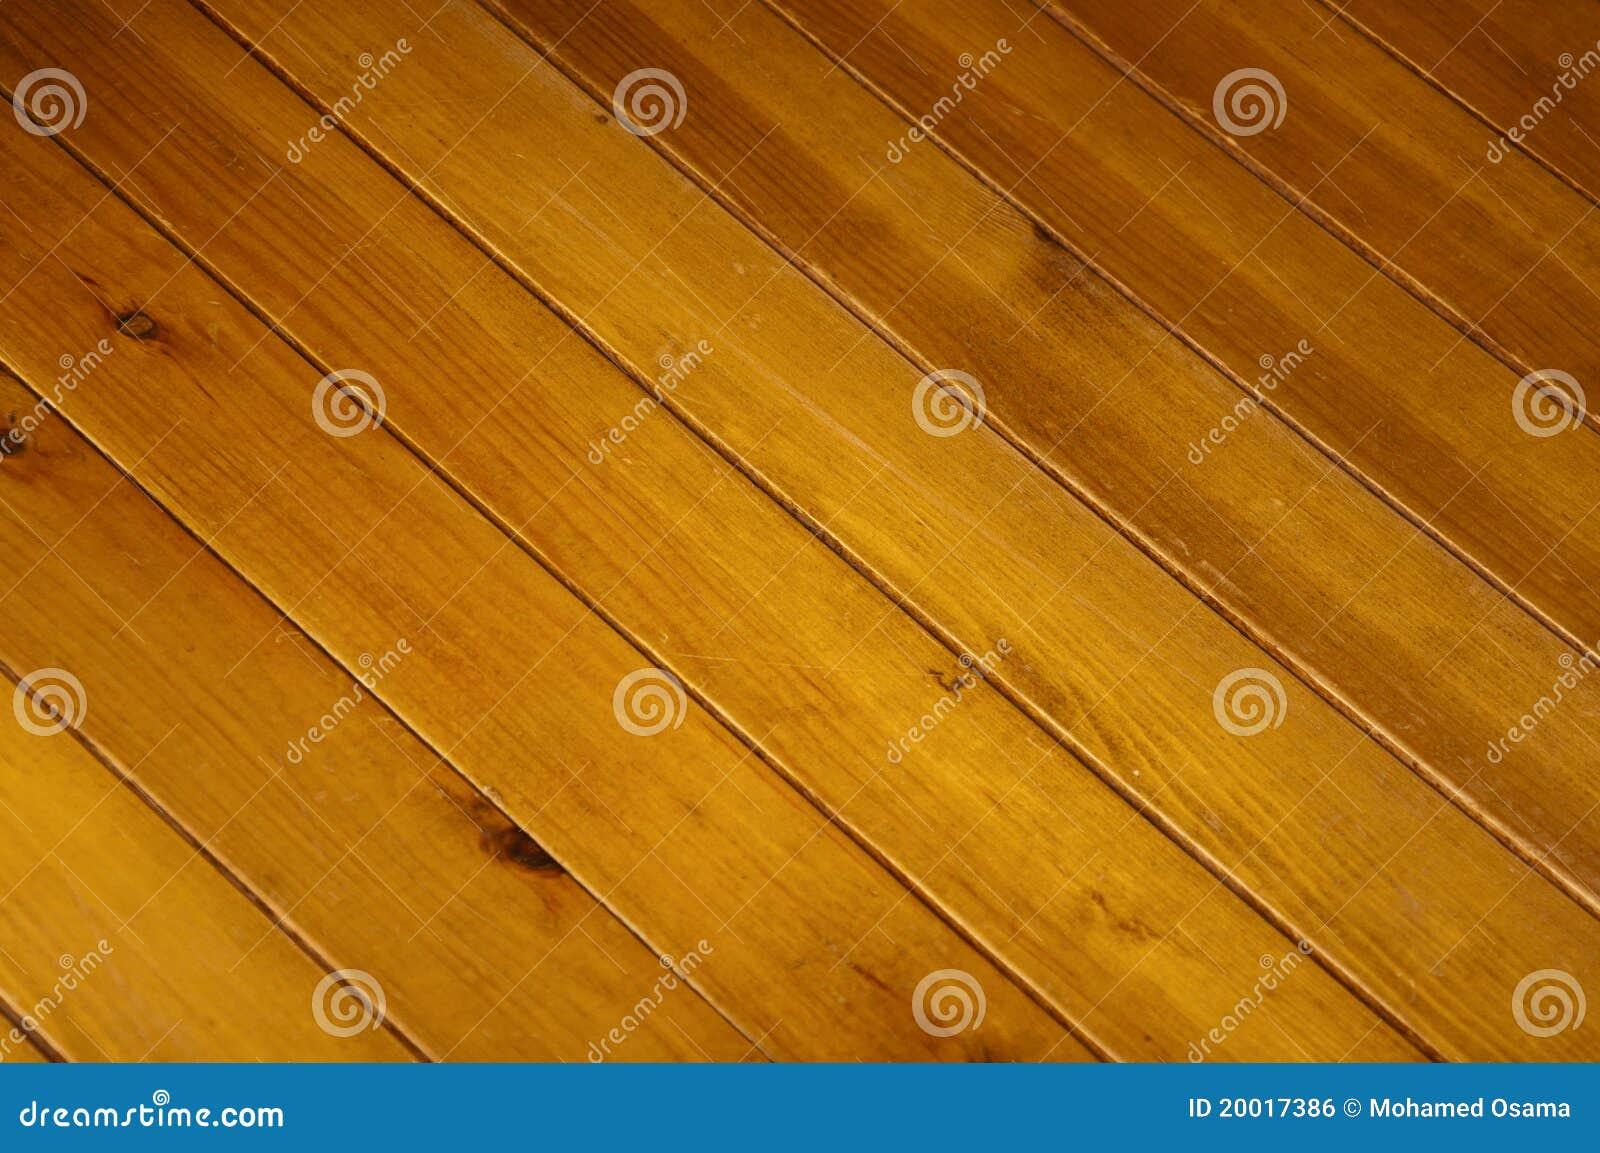 地板木条地板